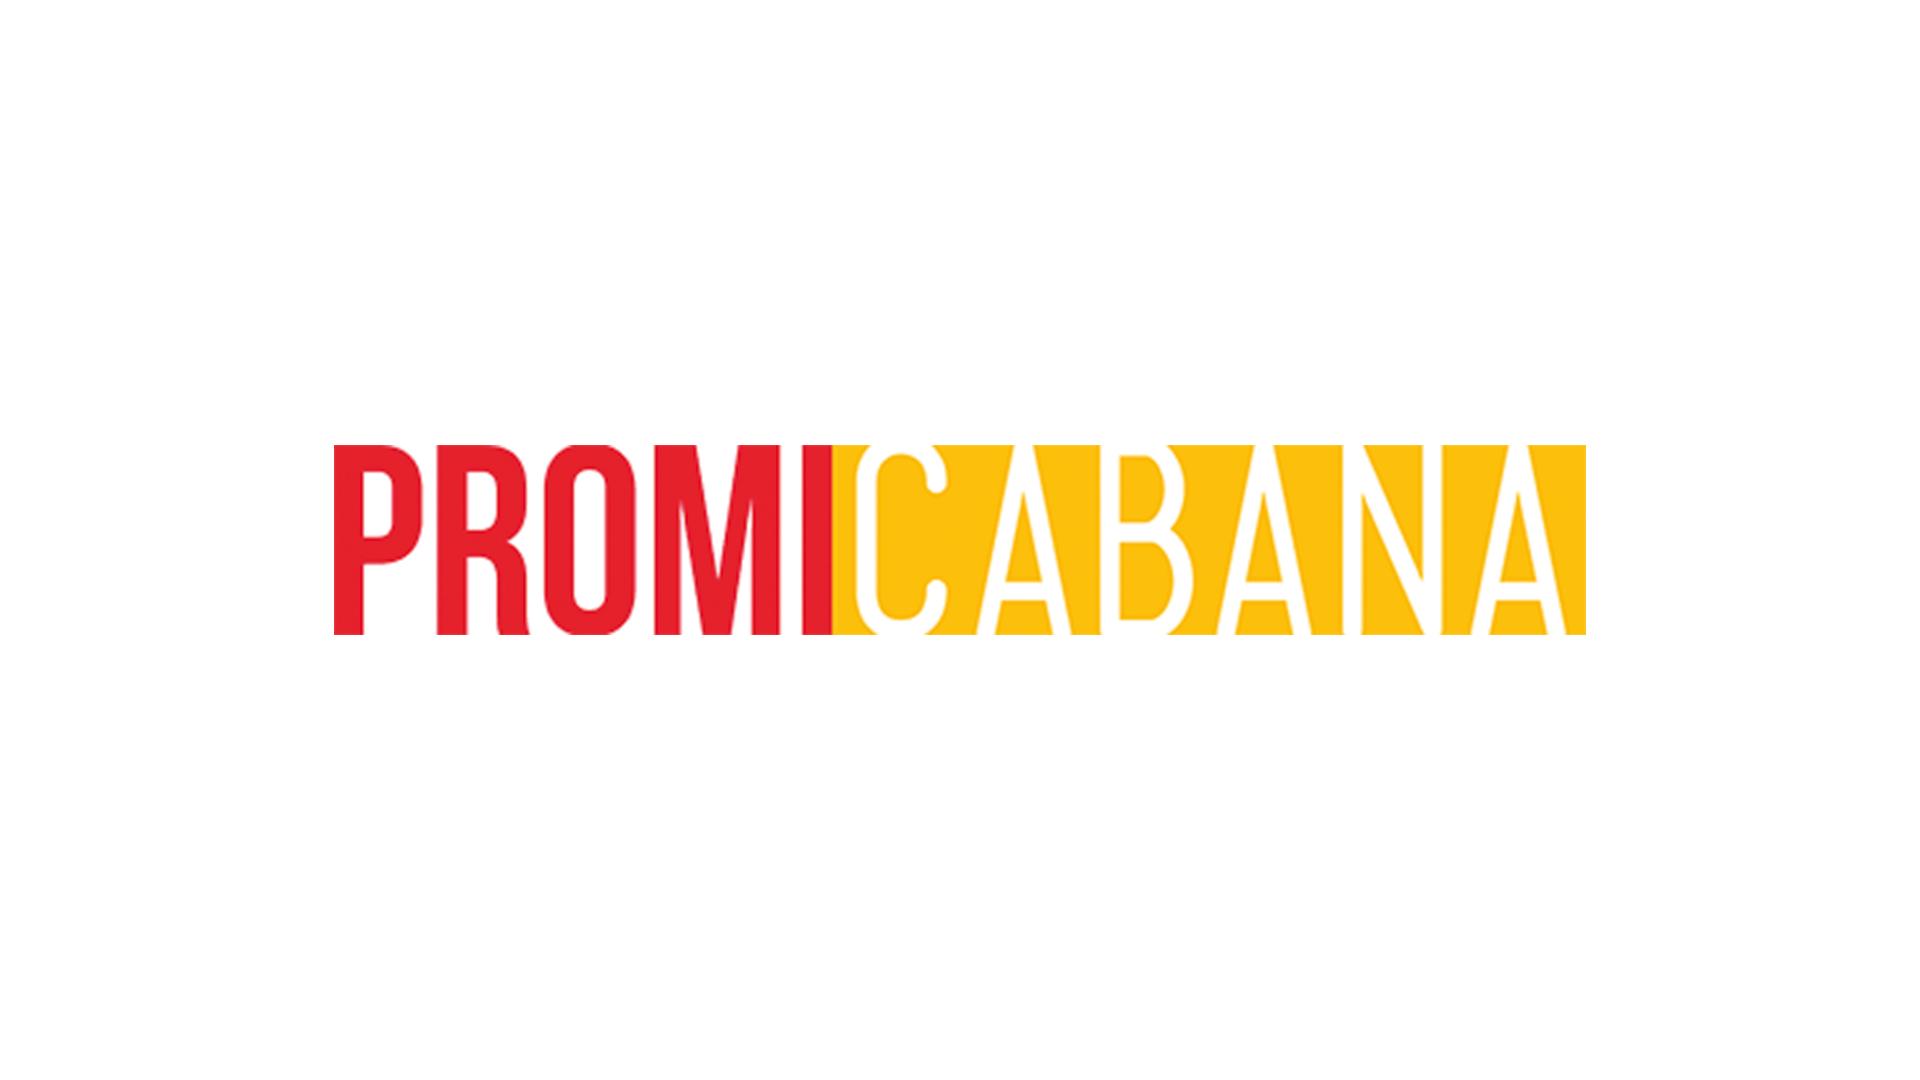 Matthew-McConaughey-Dallas-Buyers-Club-Trailer